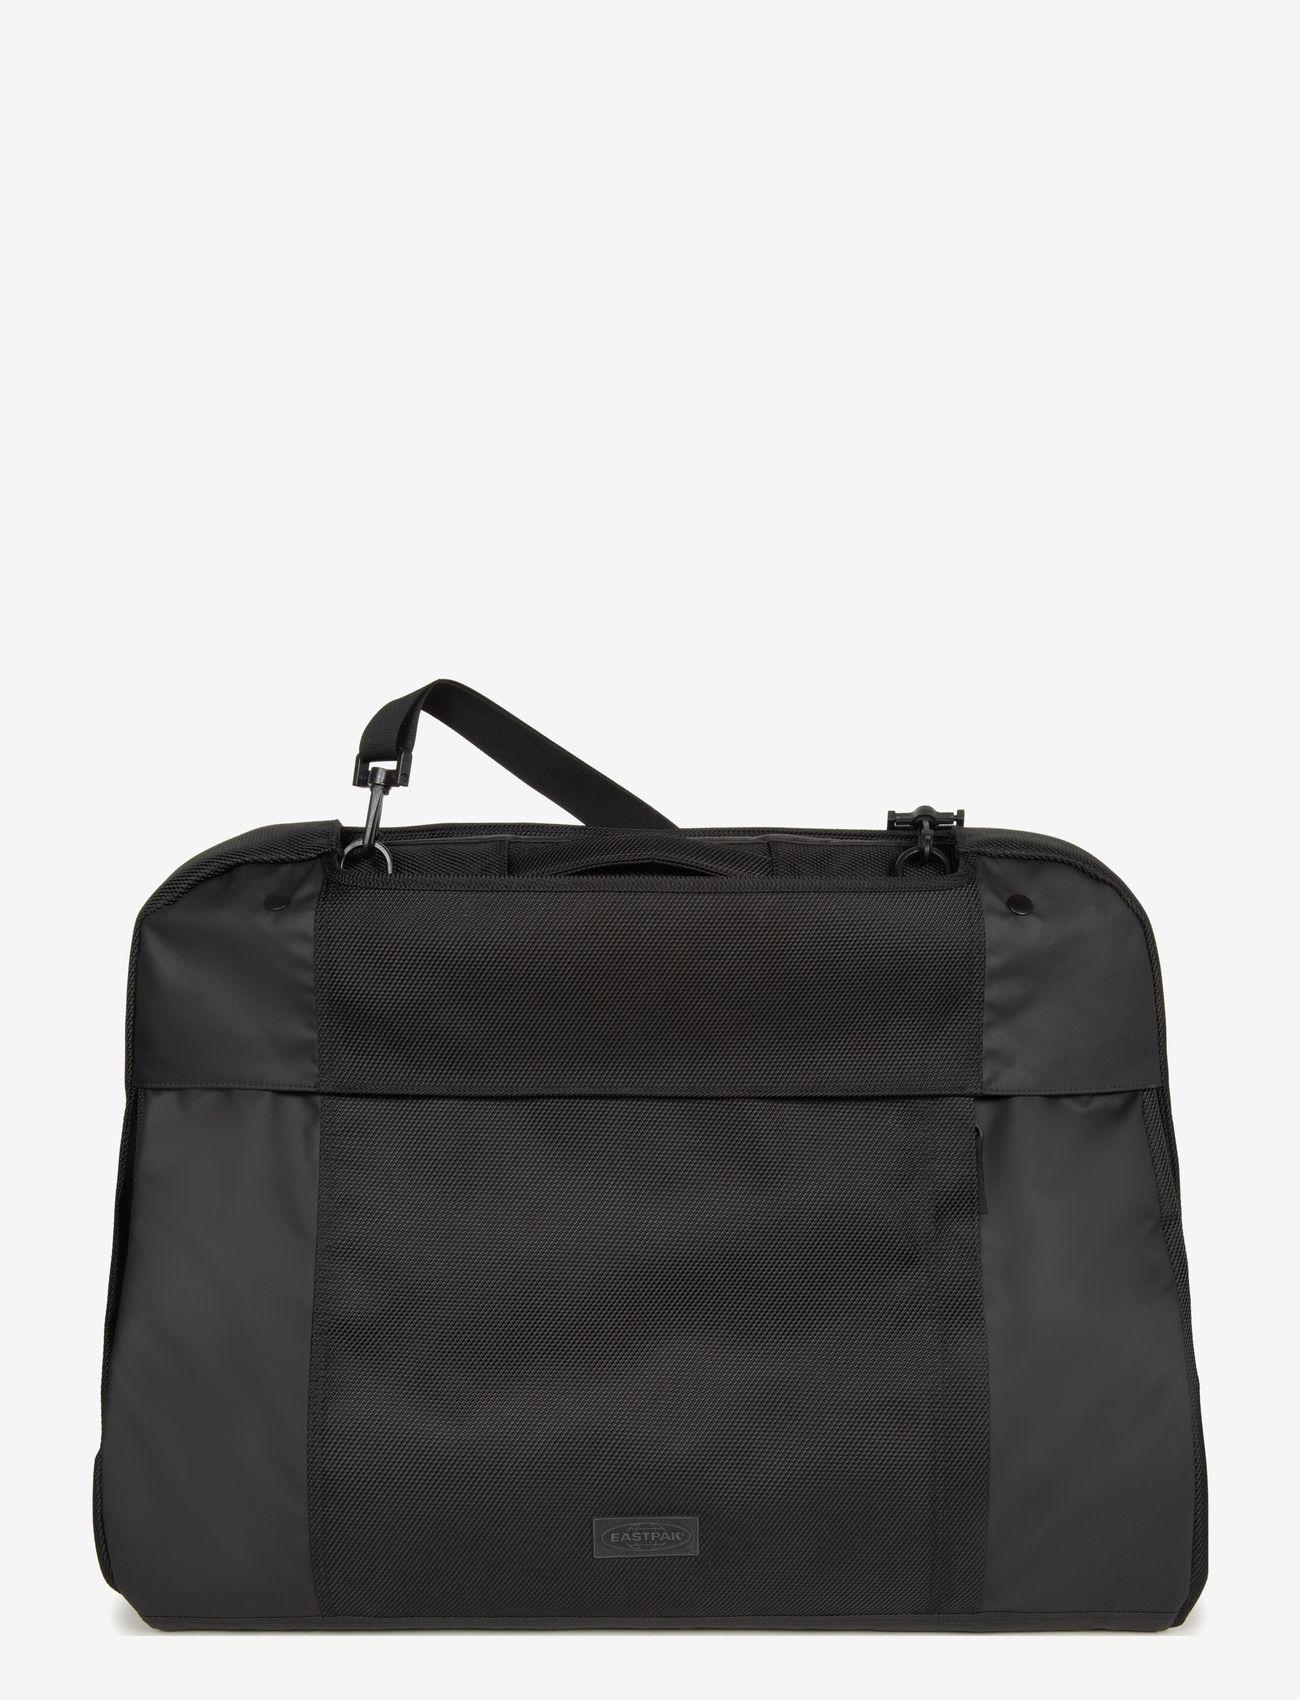 Eastpak - GERALD - weekend bags - cnnct coat - 0